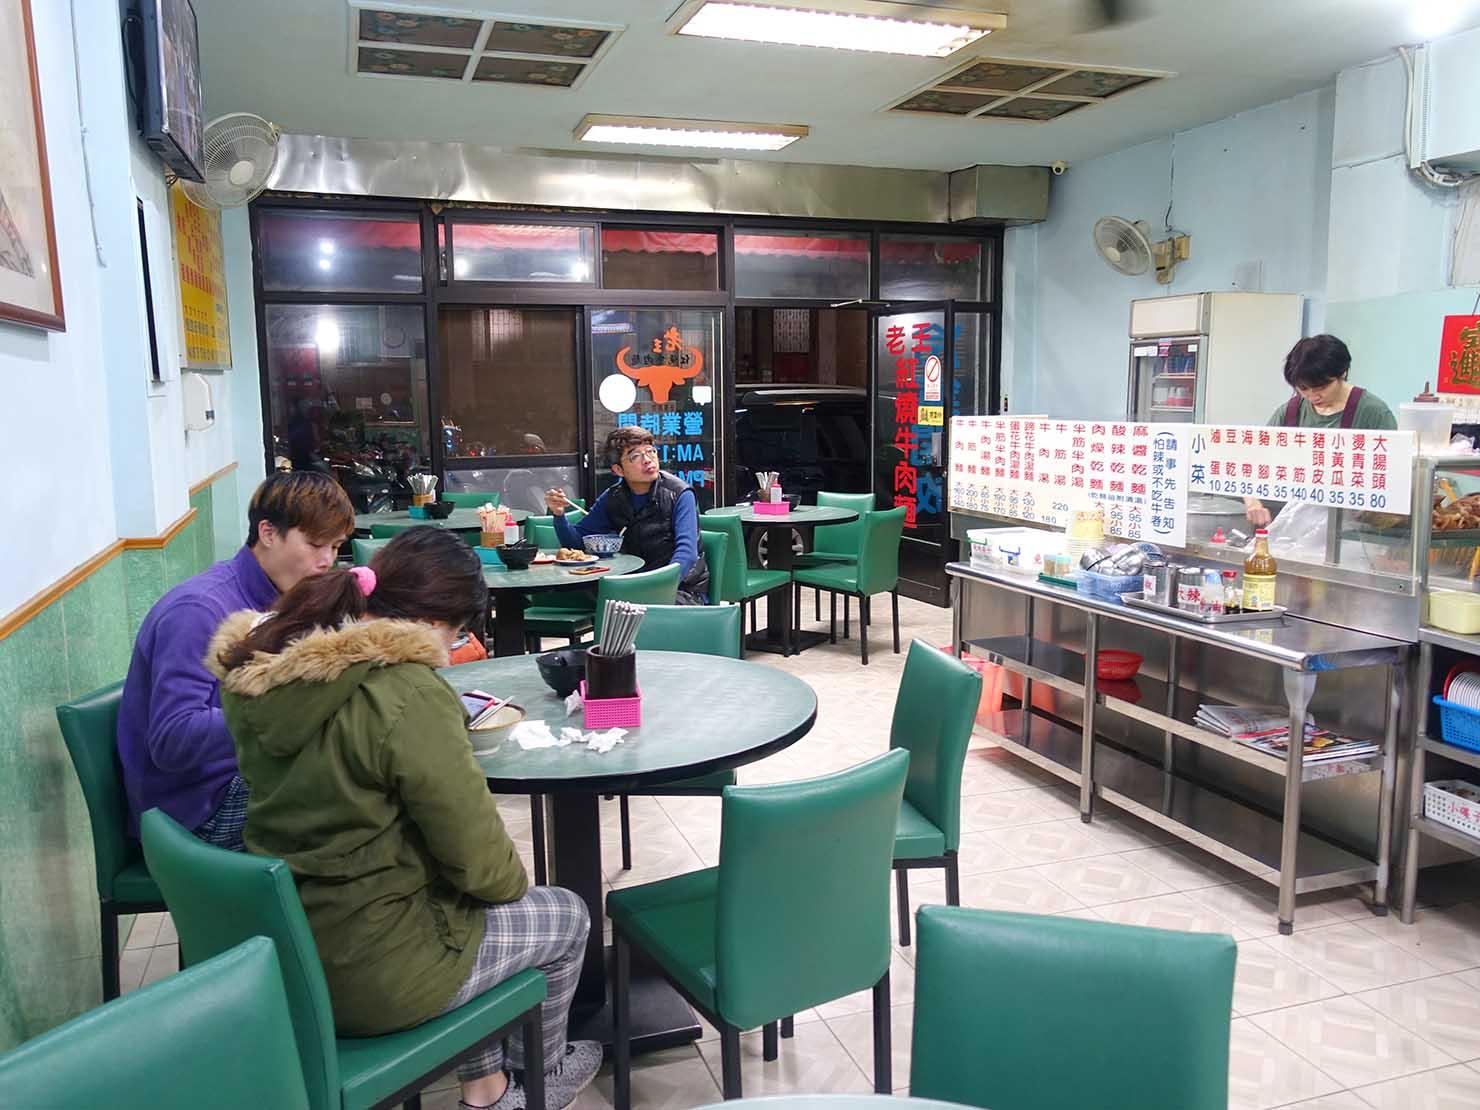 台北・古亭のおすすめグルメ店「老王紅燒牛肉麵」の店内